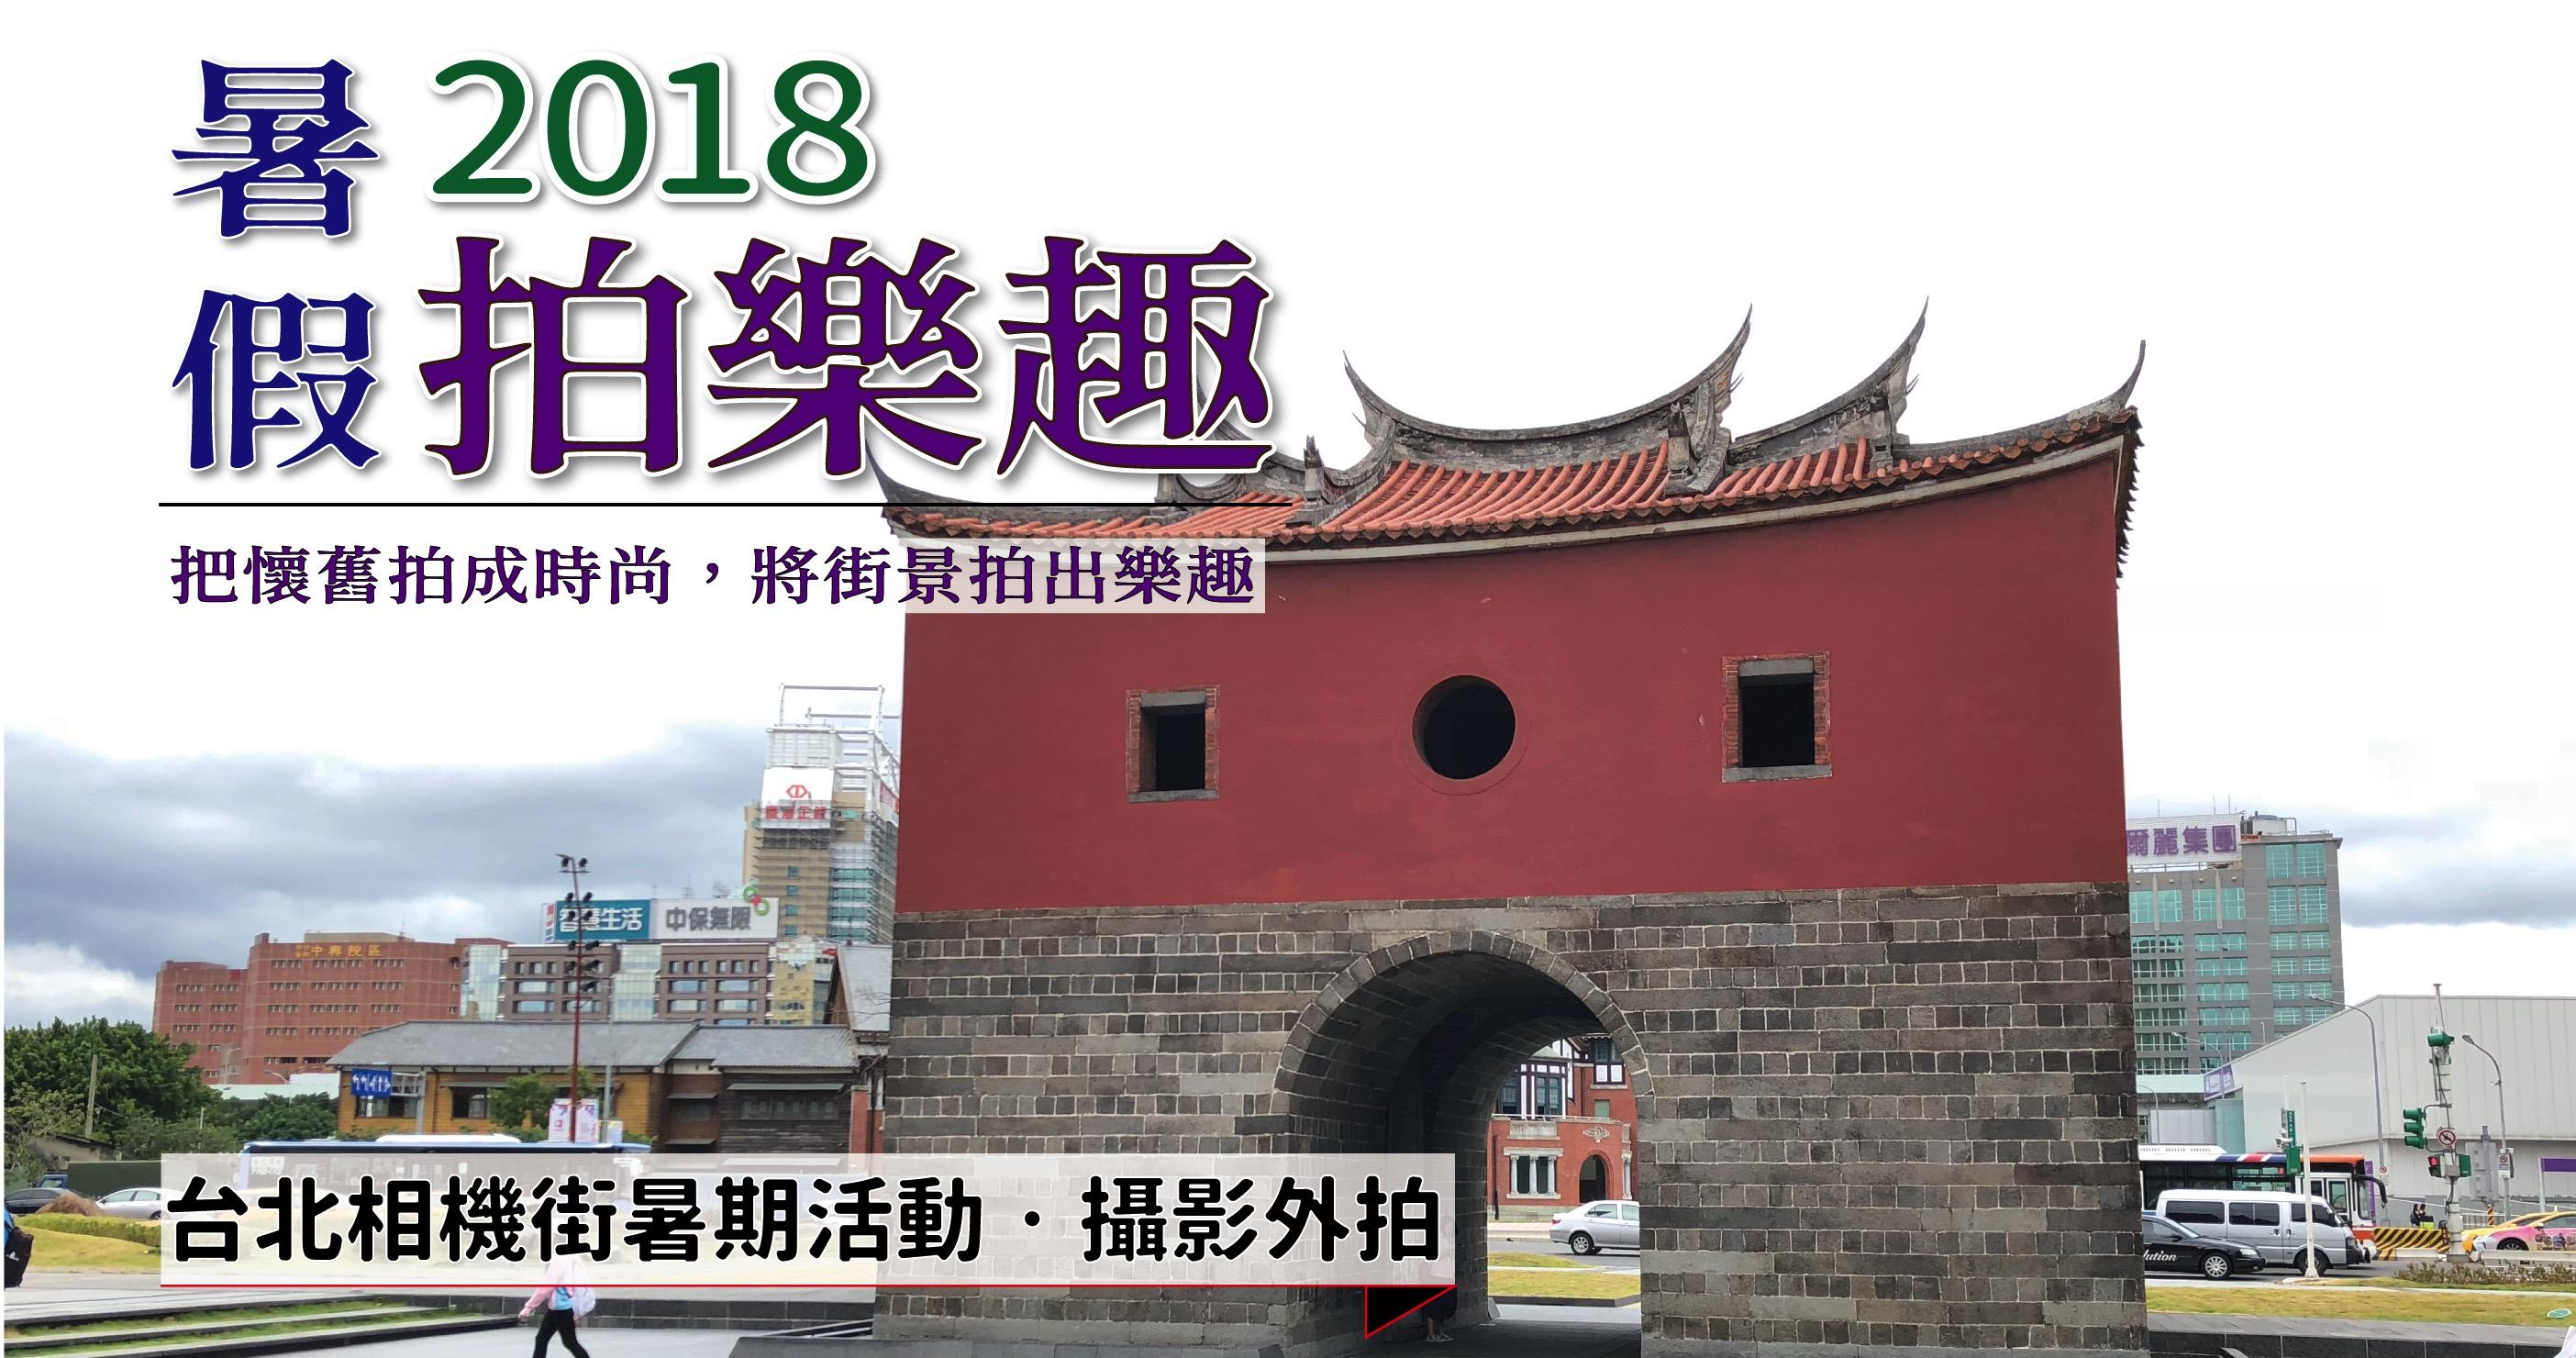 2018相機街新聞稿用圖-v1.2x4